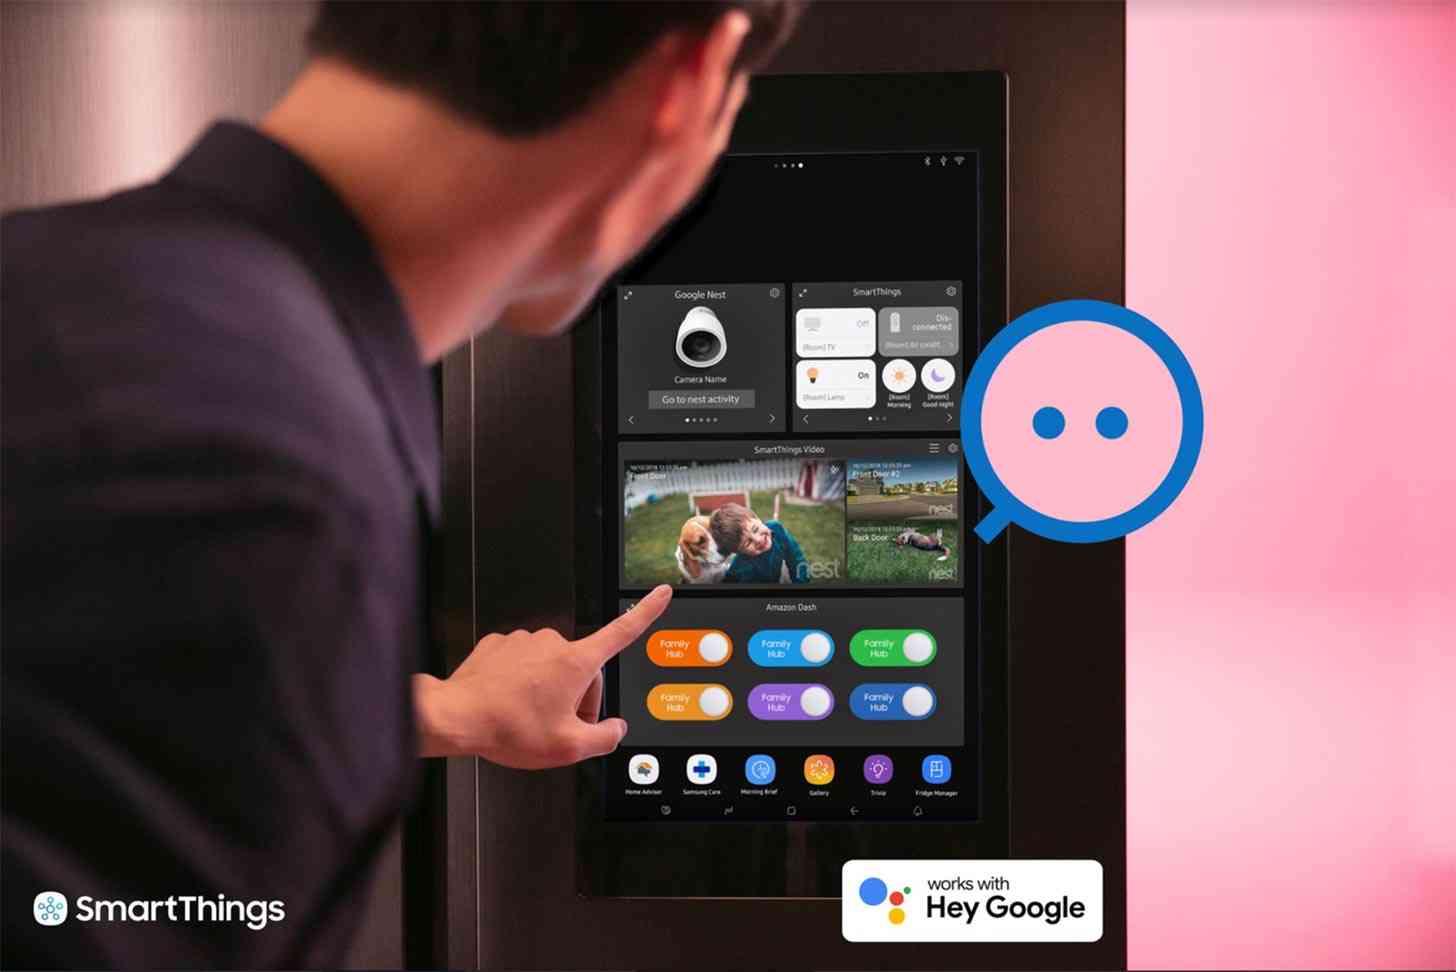 Google Nest, Samsung SmartThings